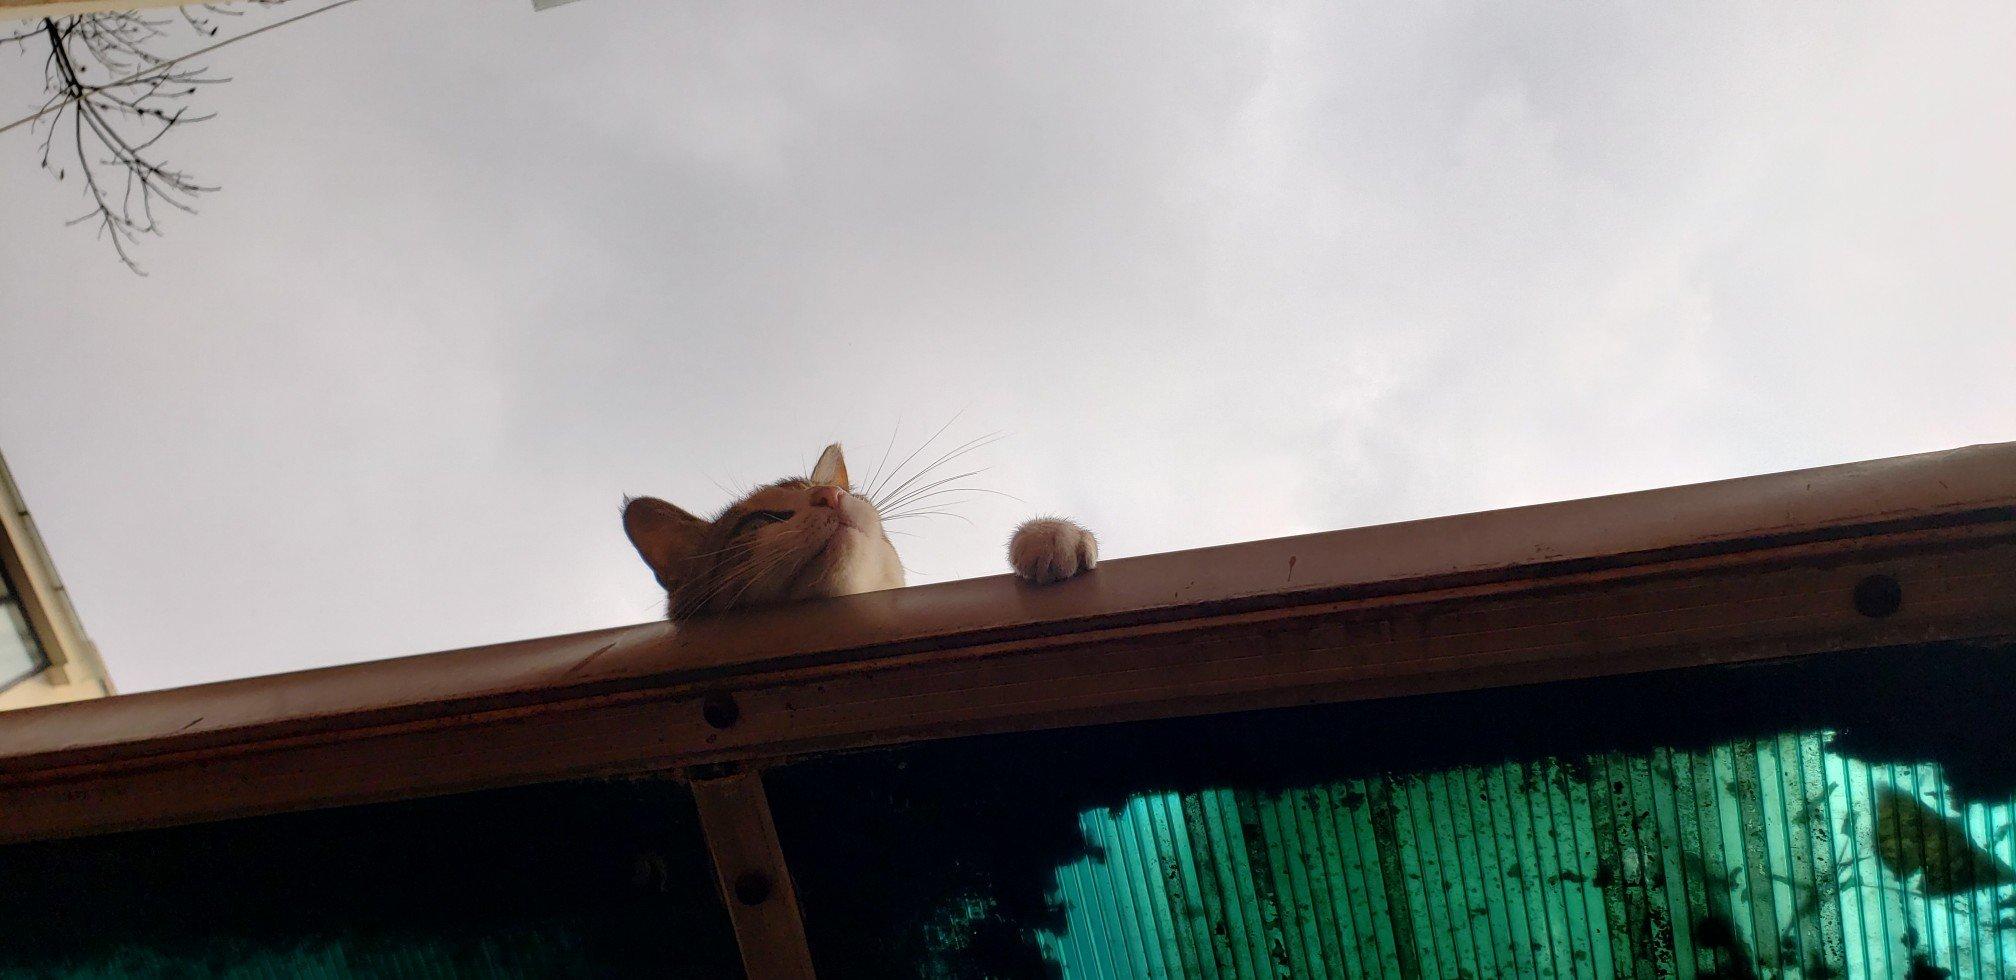 突然发现我还拍过猫片